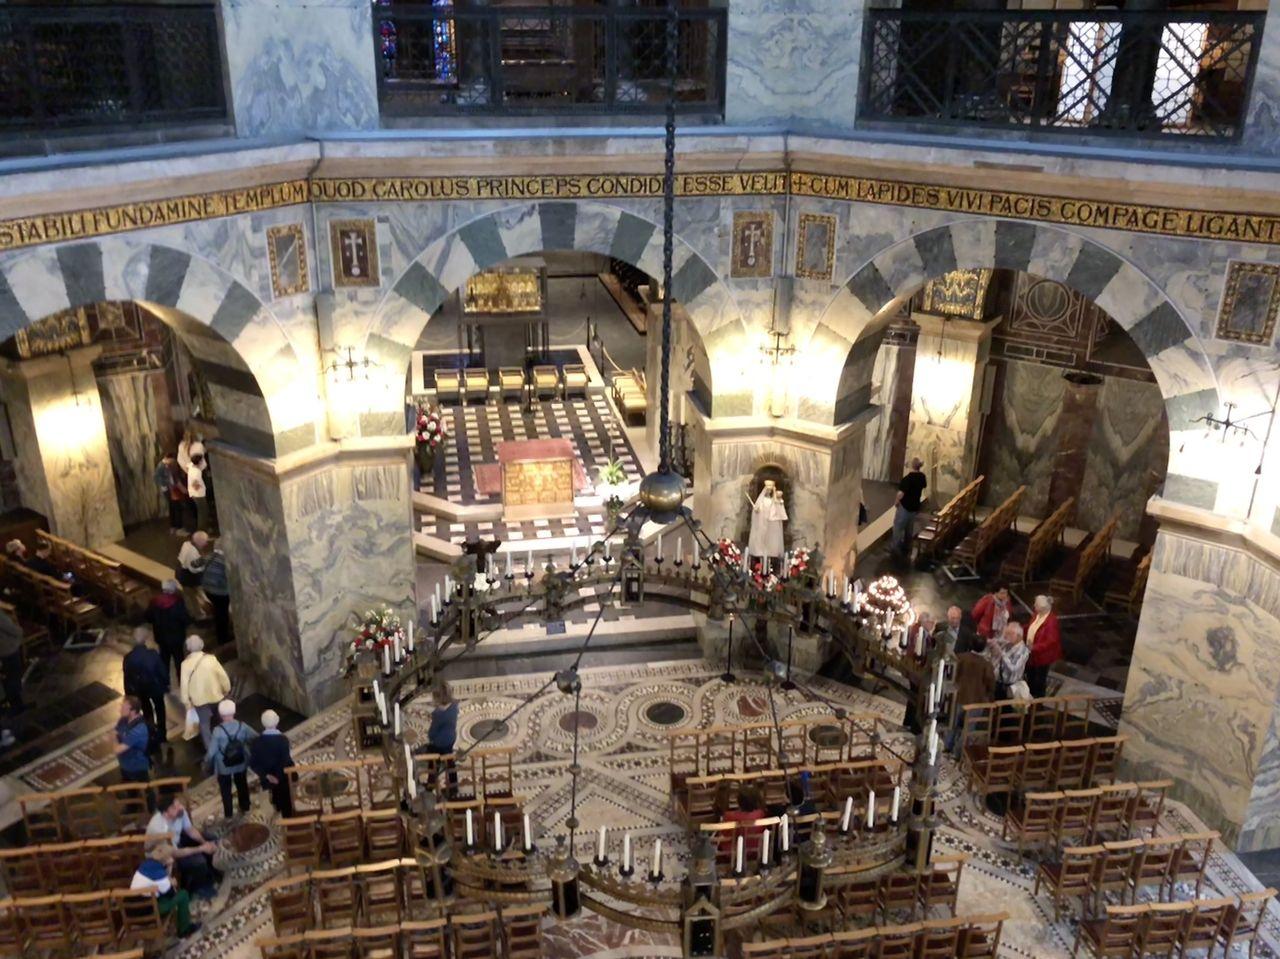 Das Innere des Aachener Doms ist unglaublich prächtig. Während der Führung erfahre ich aber, dass das nicht immer so war. Und auch der Thron wirkt im ersten Augenblick ziemlich unscheinbar.